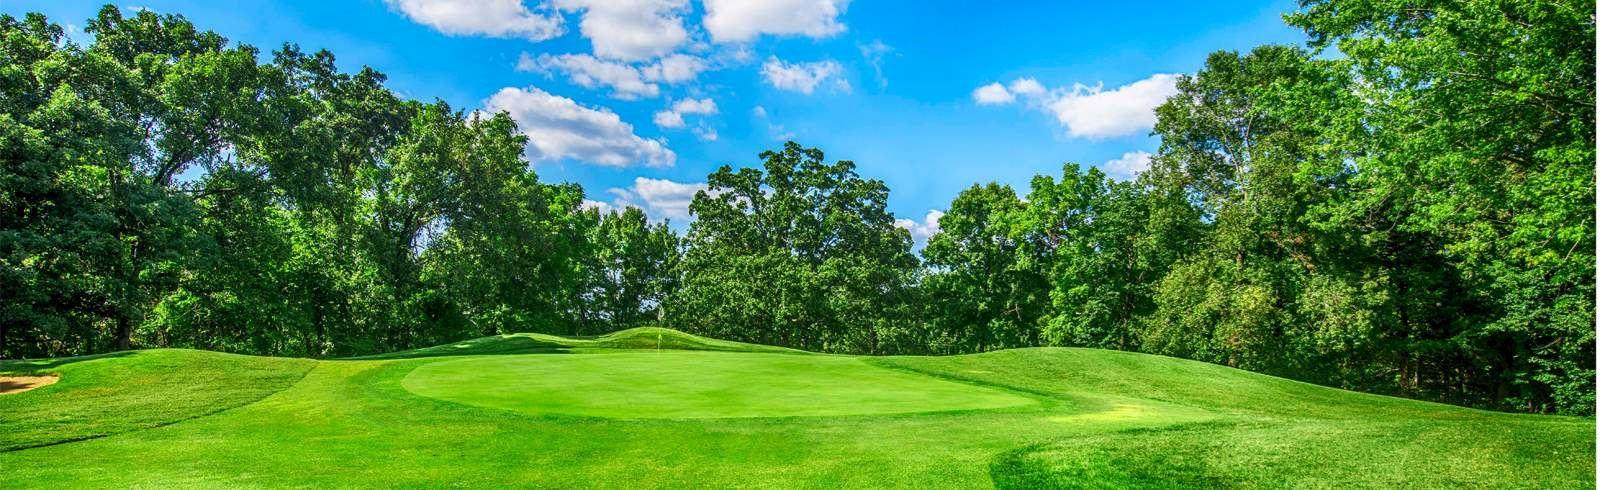 Tan-Tar-A Resort, Missouri Golf